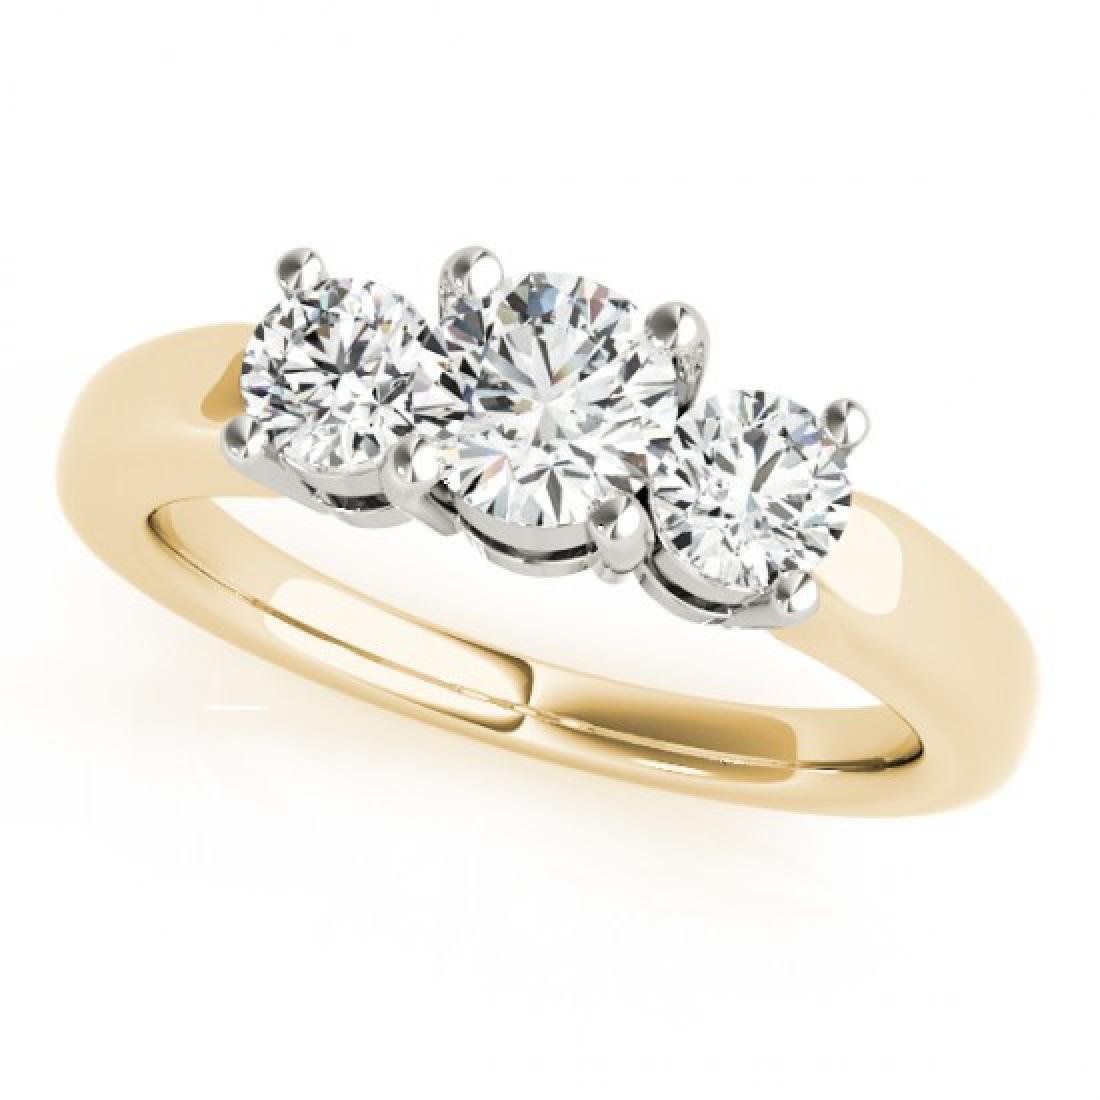 1.45 CTW Certified VS/SI Diamond 3 Stone Ring 14K - 2